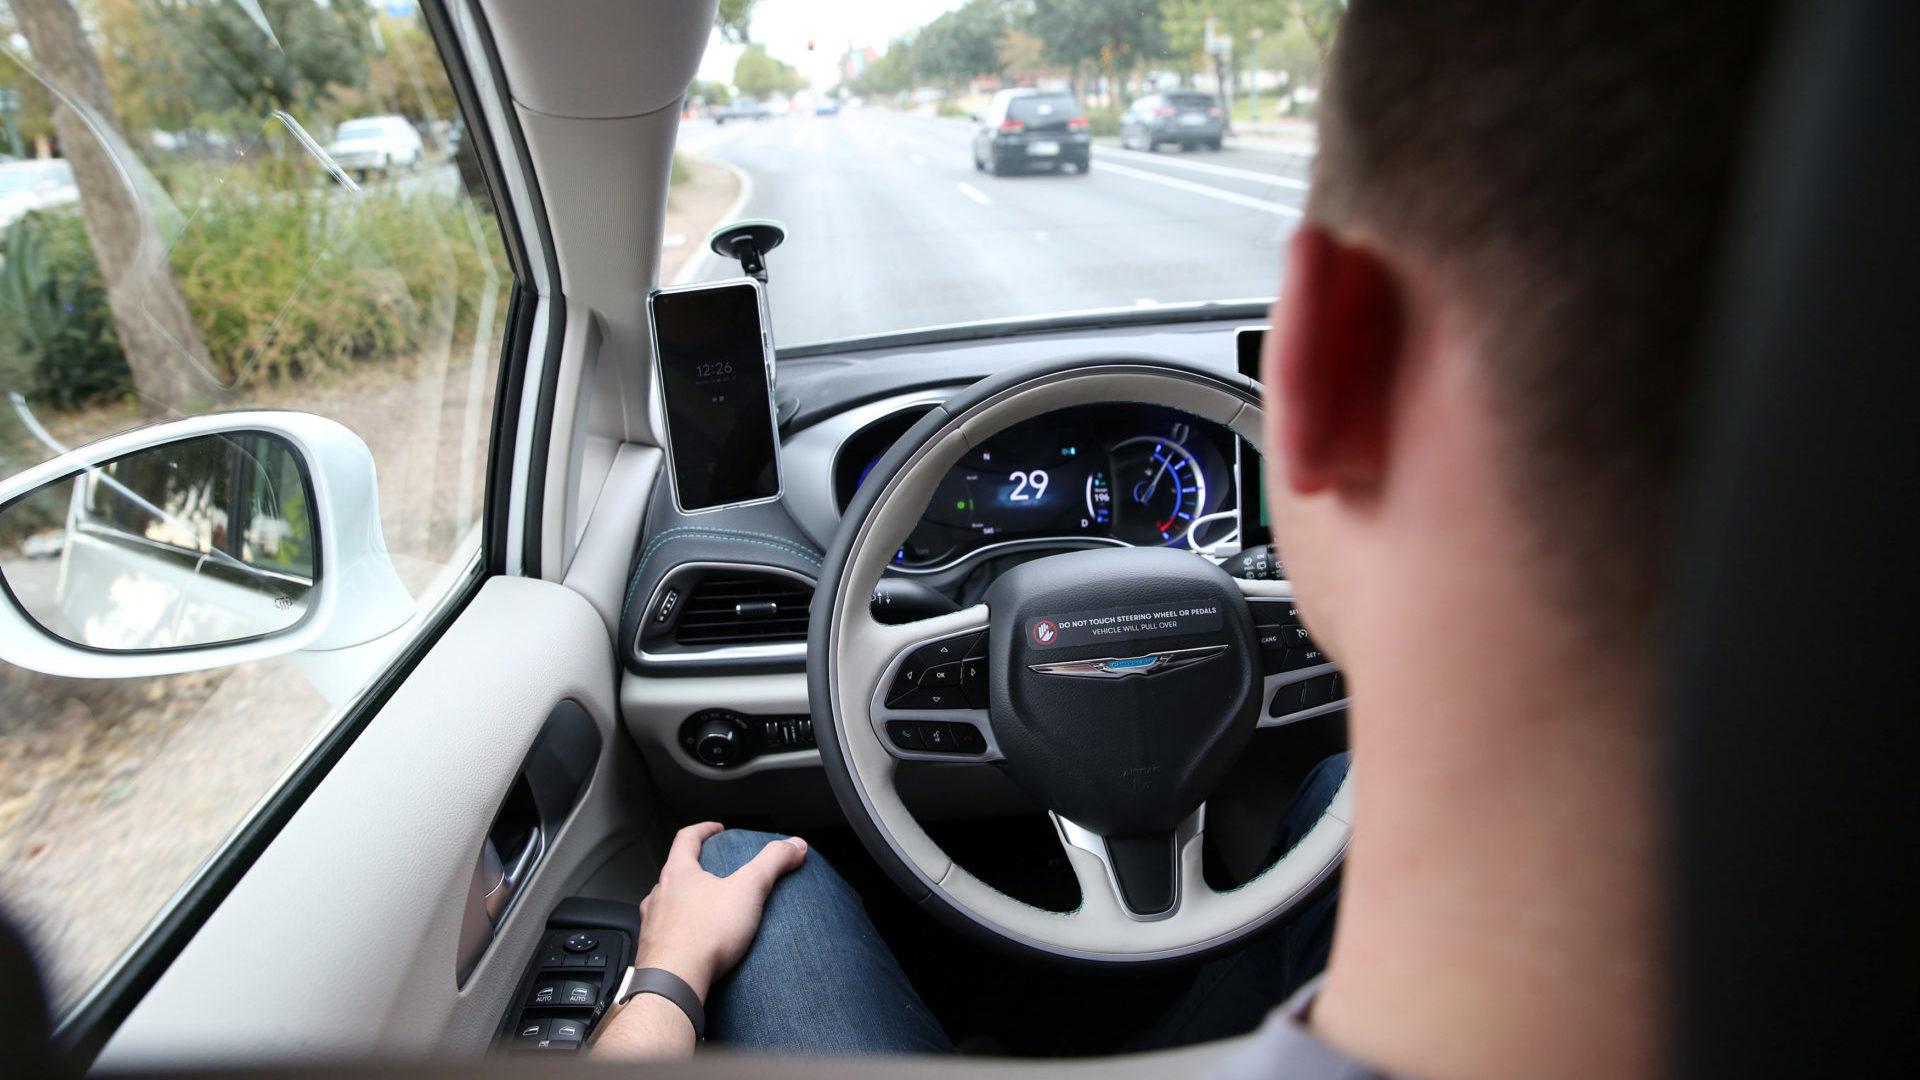 Autonomes Fahren in Level 3: Das Auto fährt alleine, der Fahrer muss aber bereit sein, einzugreifen | Foto: REUTERS